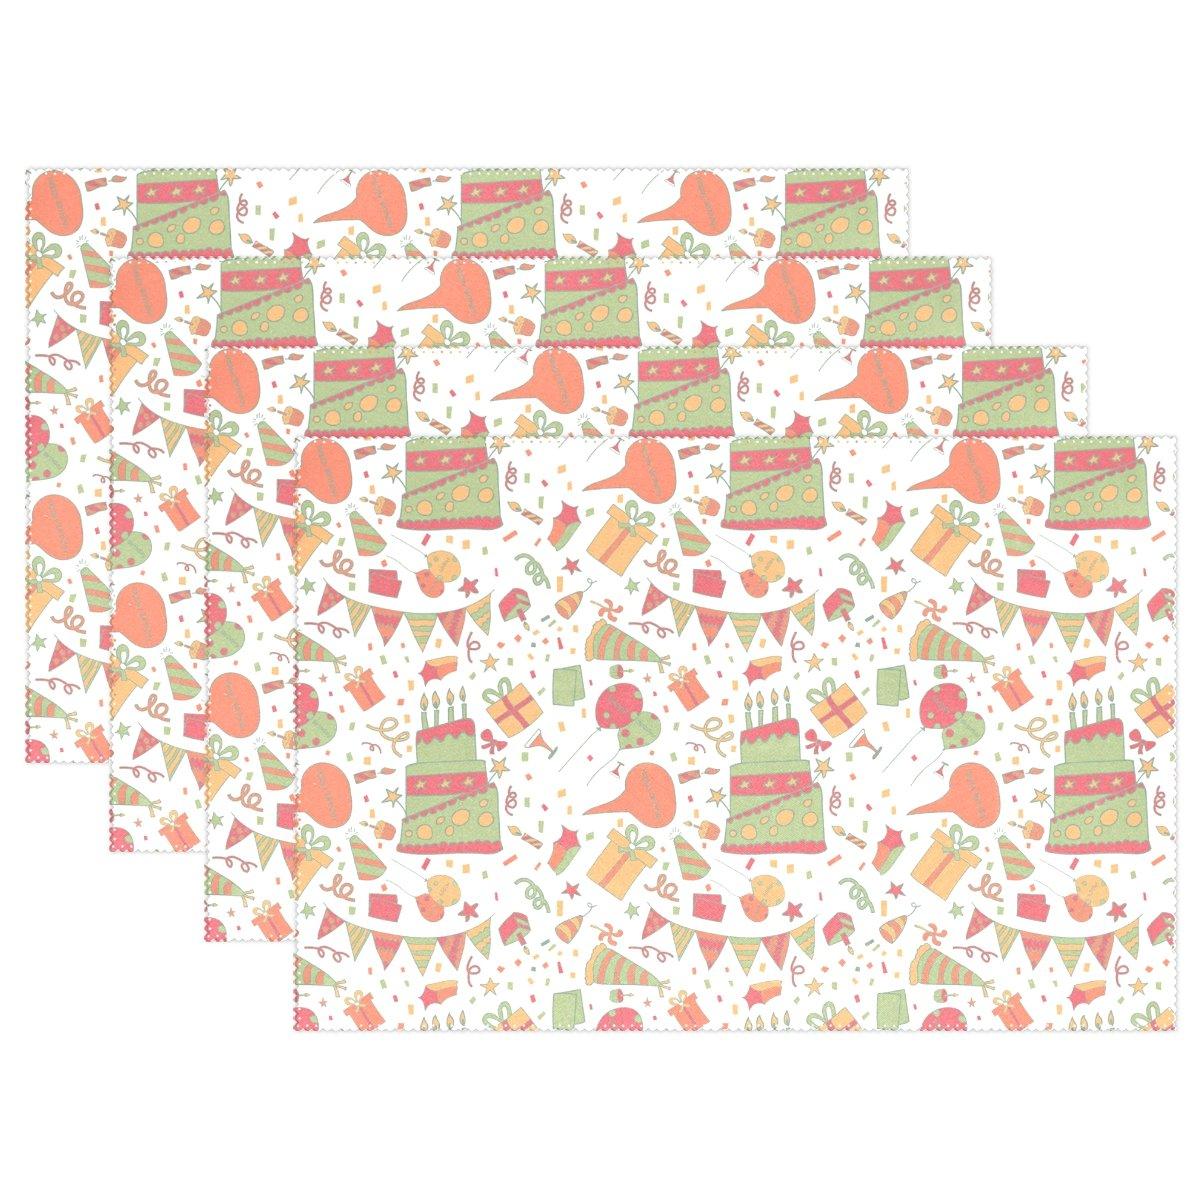 セットの4冬雪背景ポリエステルプレースマット – 12 x 18 in – 洗濯可能熱と折り目Resistant Printed Place Mat forキッチンディナーテーブル Set of 4 Placemats-1121-FOUR18 Set of 4 Pattern 18 B077N5B5PM